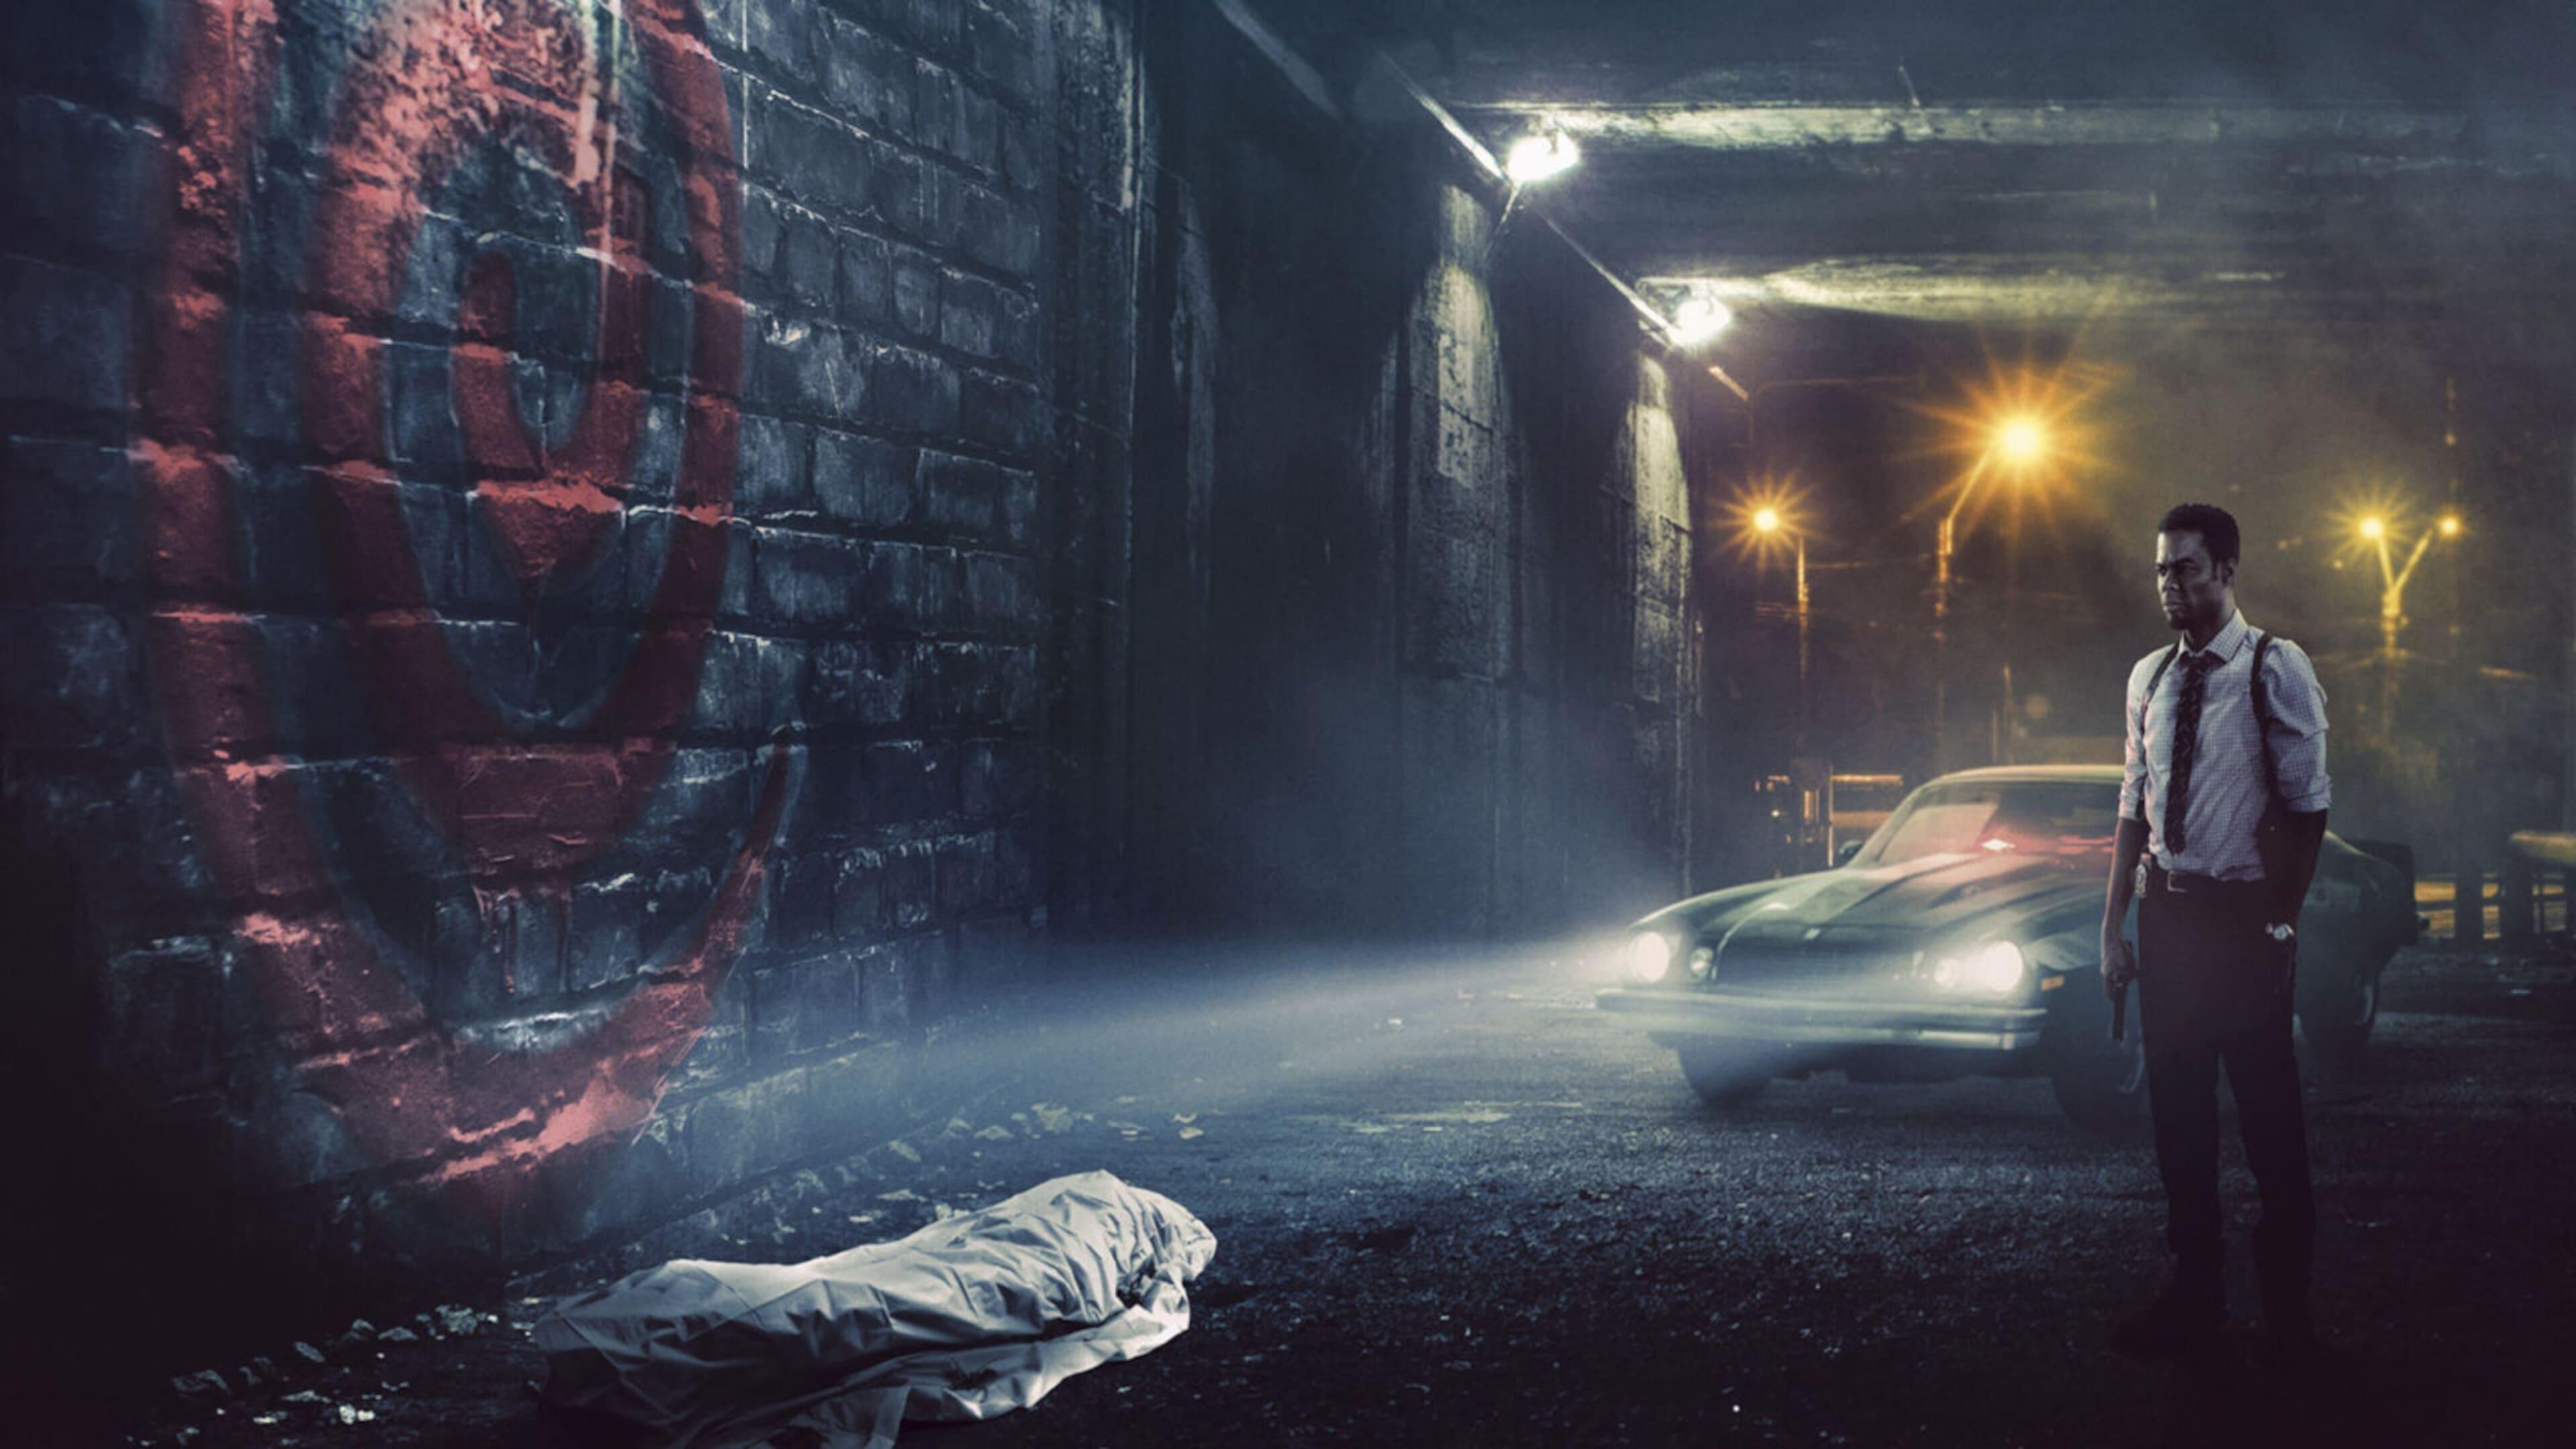 Película Spiral Saw: El juego del miedo continúa en GNULA